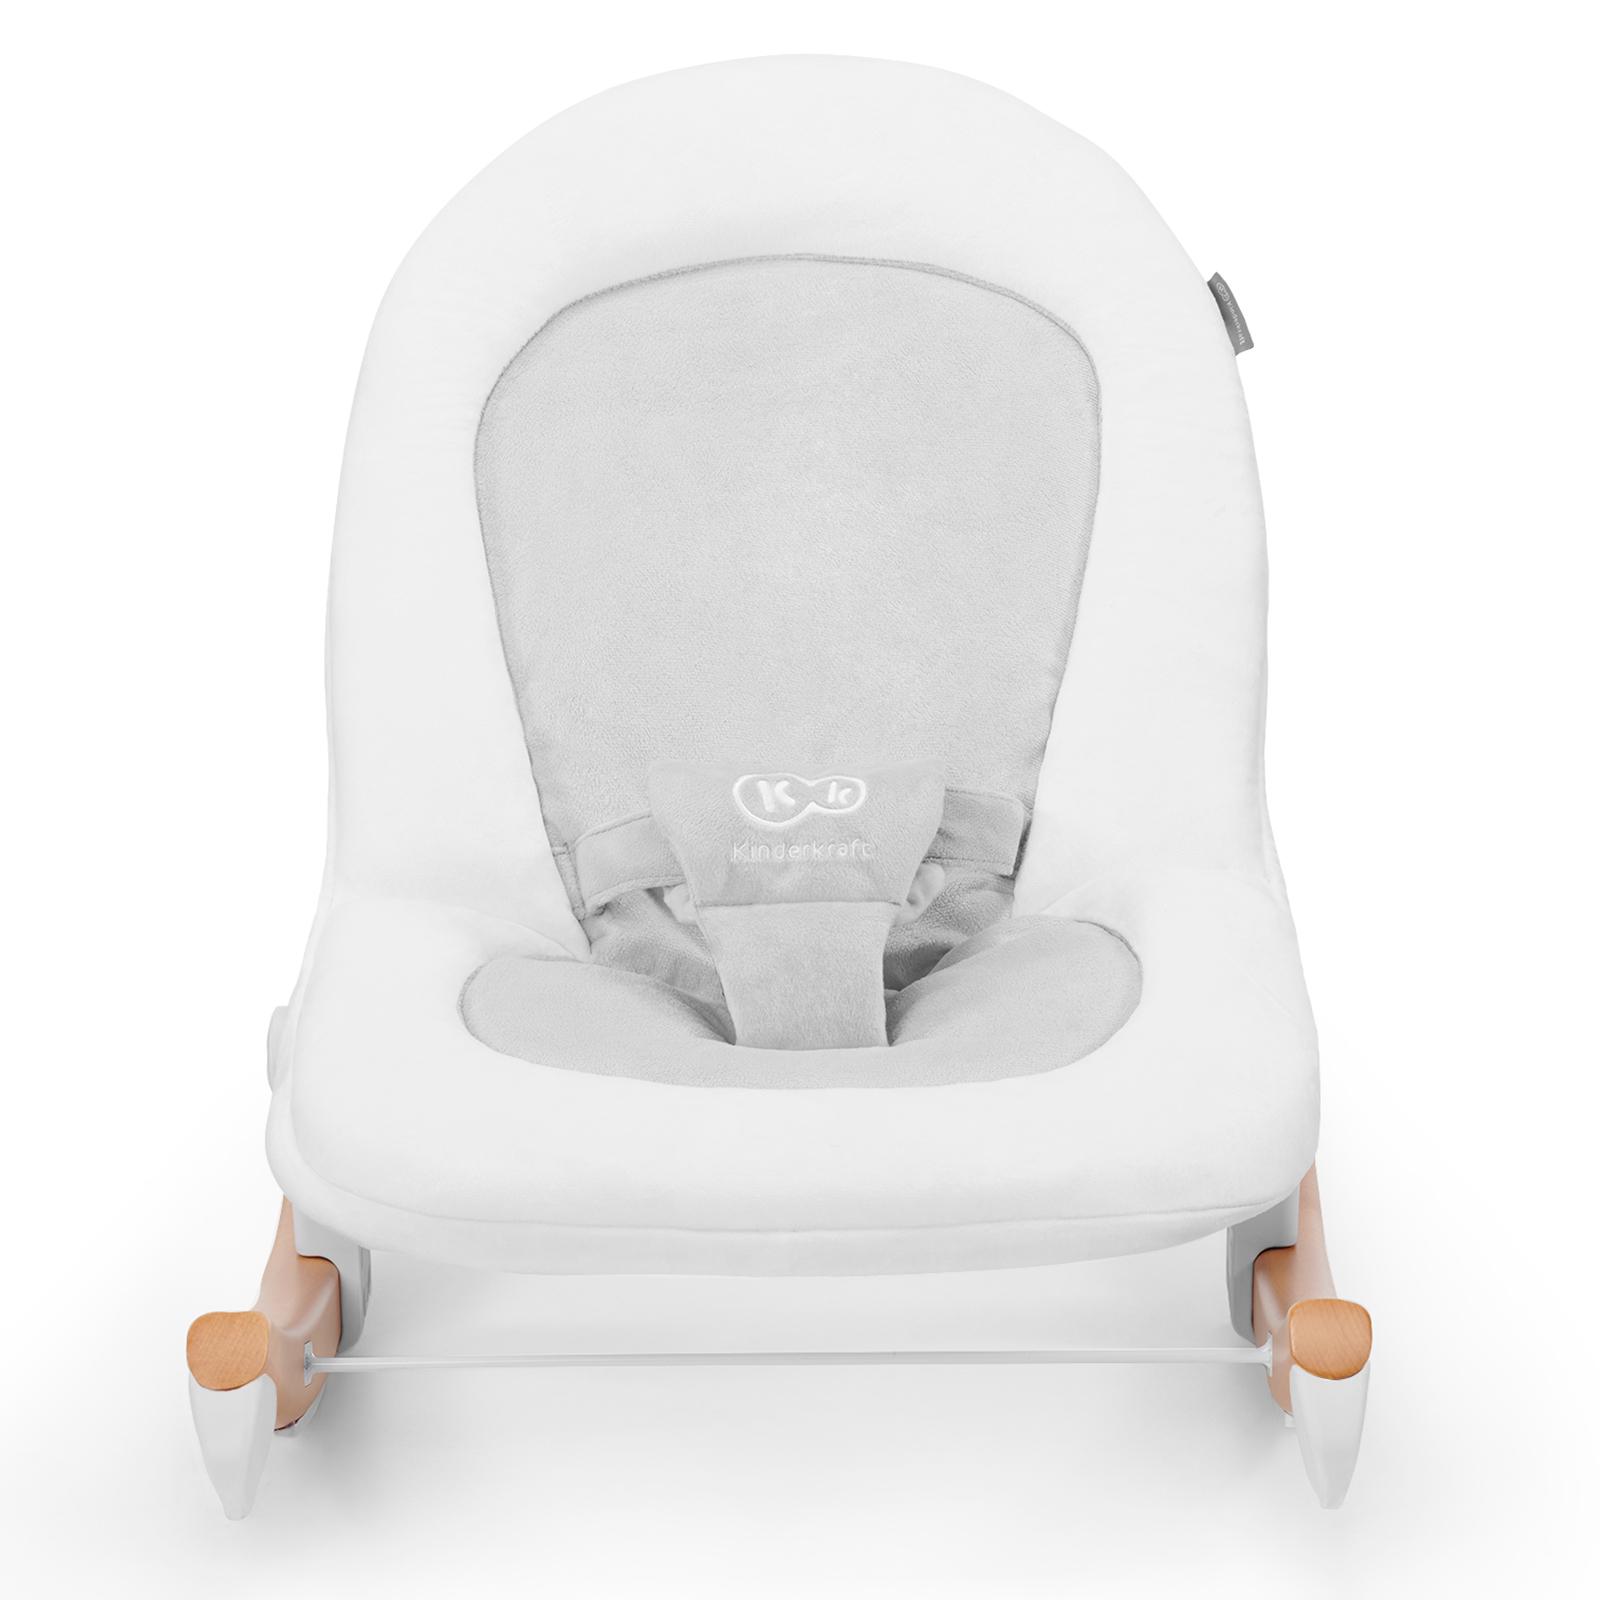 Детское кресло-качалка Стульчик для кормления Kinderkraft Код производителя FINI_FINIO_GRAY